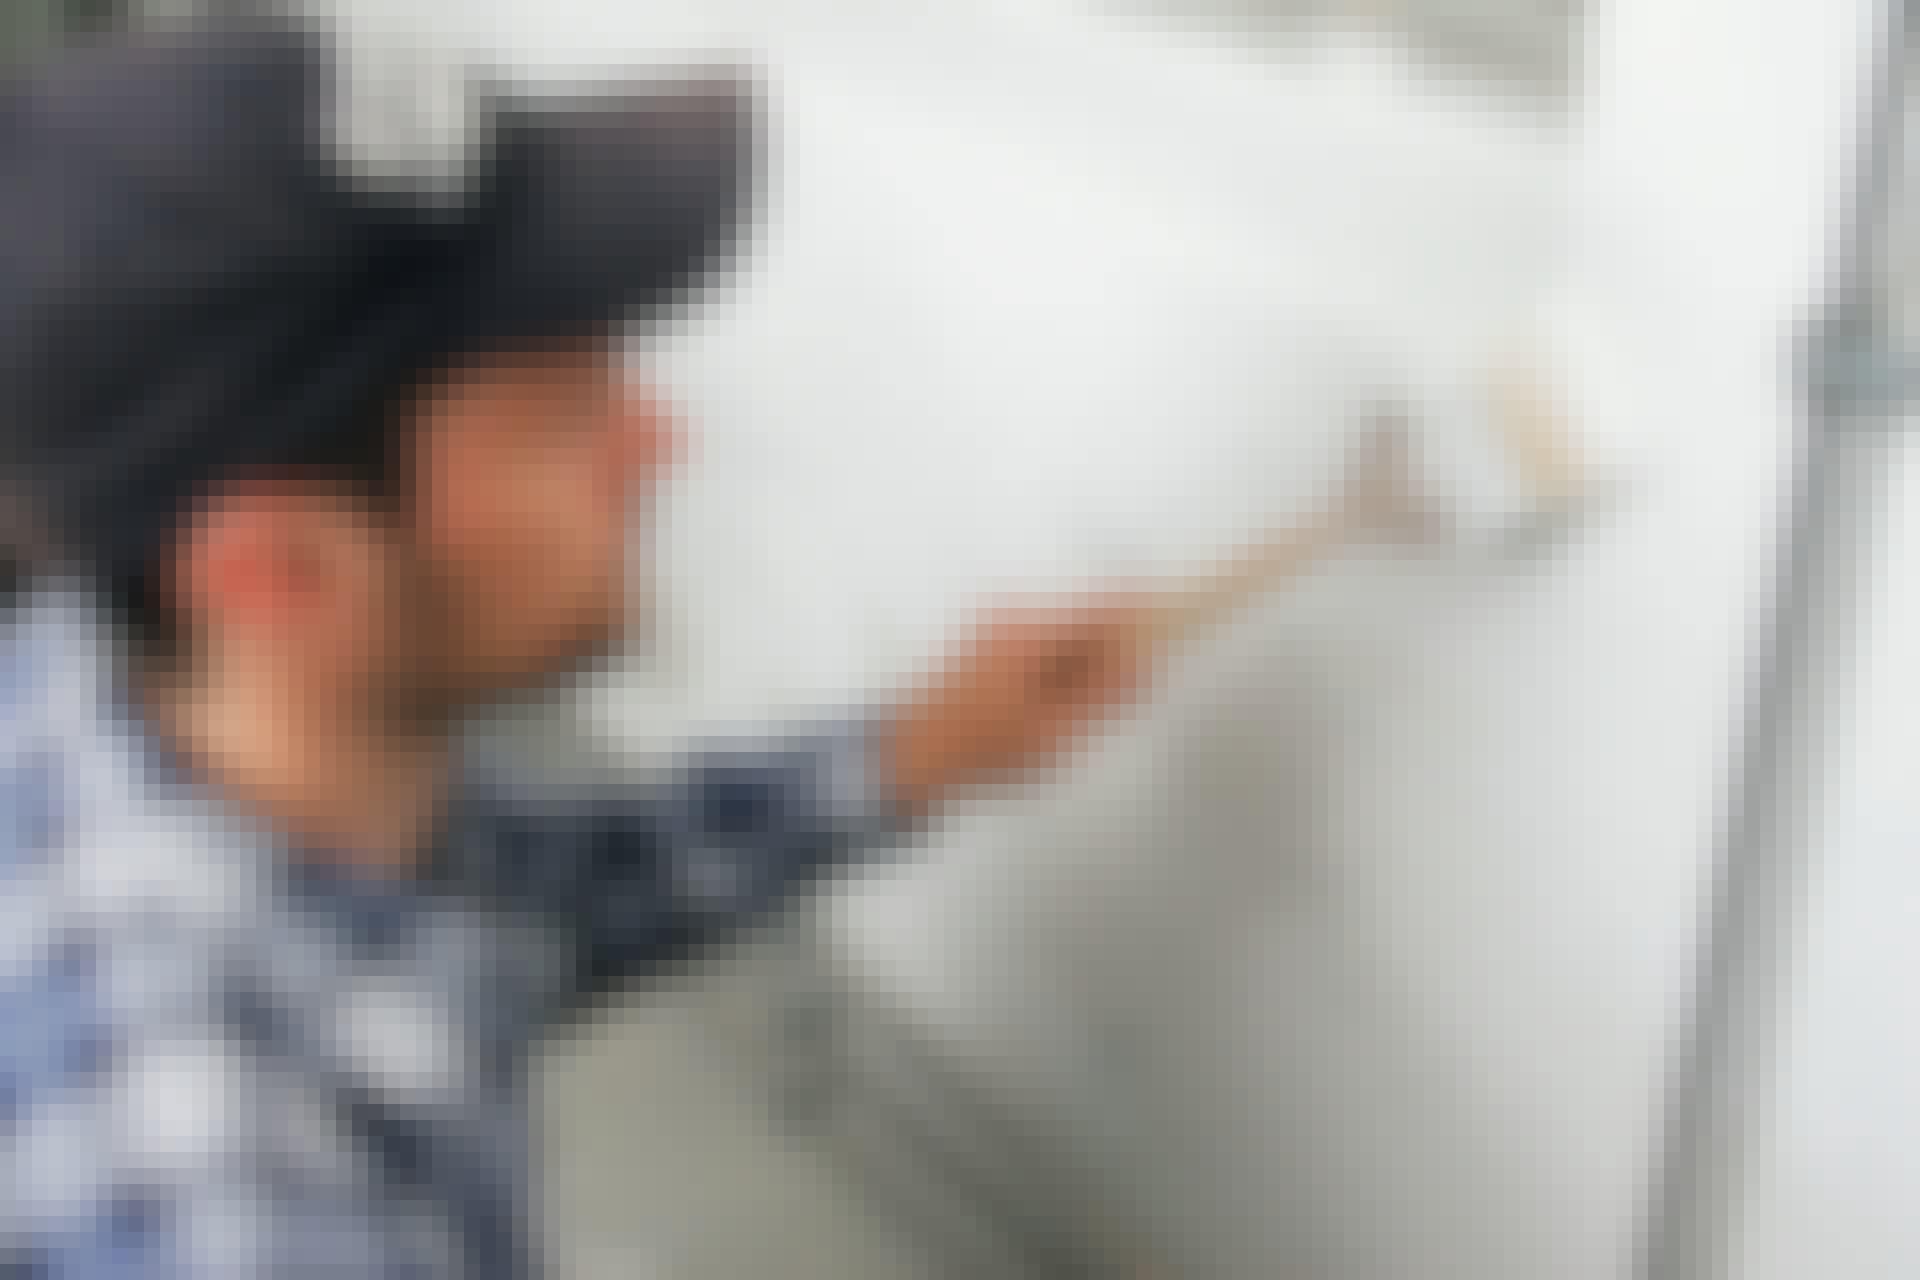 Silikatmalingen lader væggen ånde, så fugt udefra ikke spærres inde.